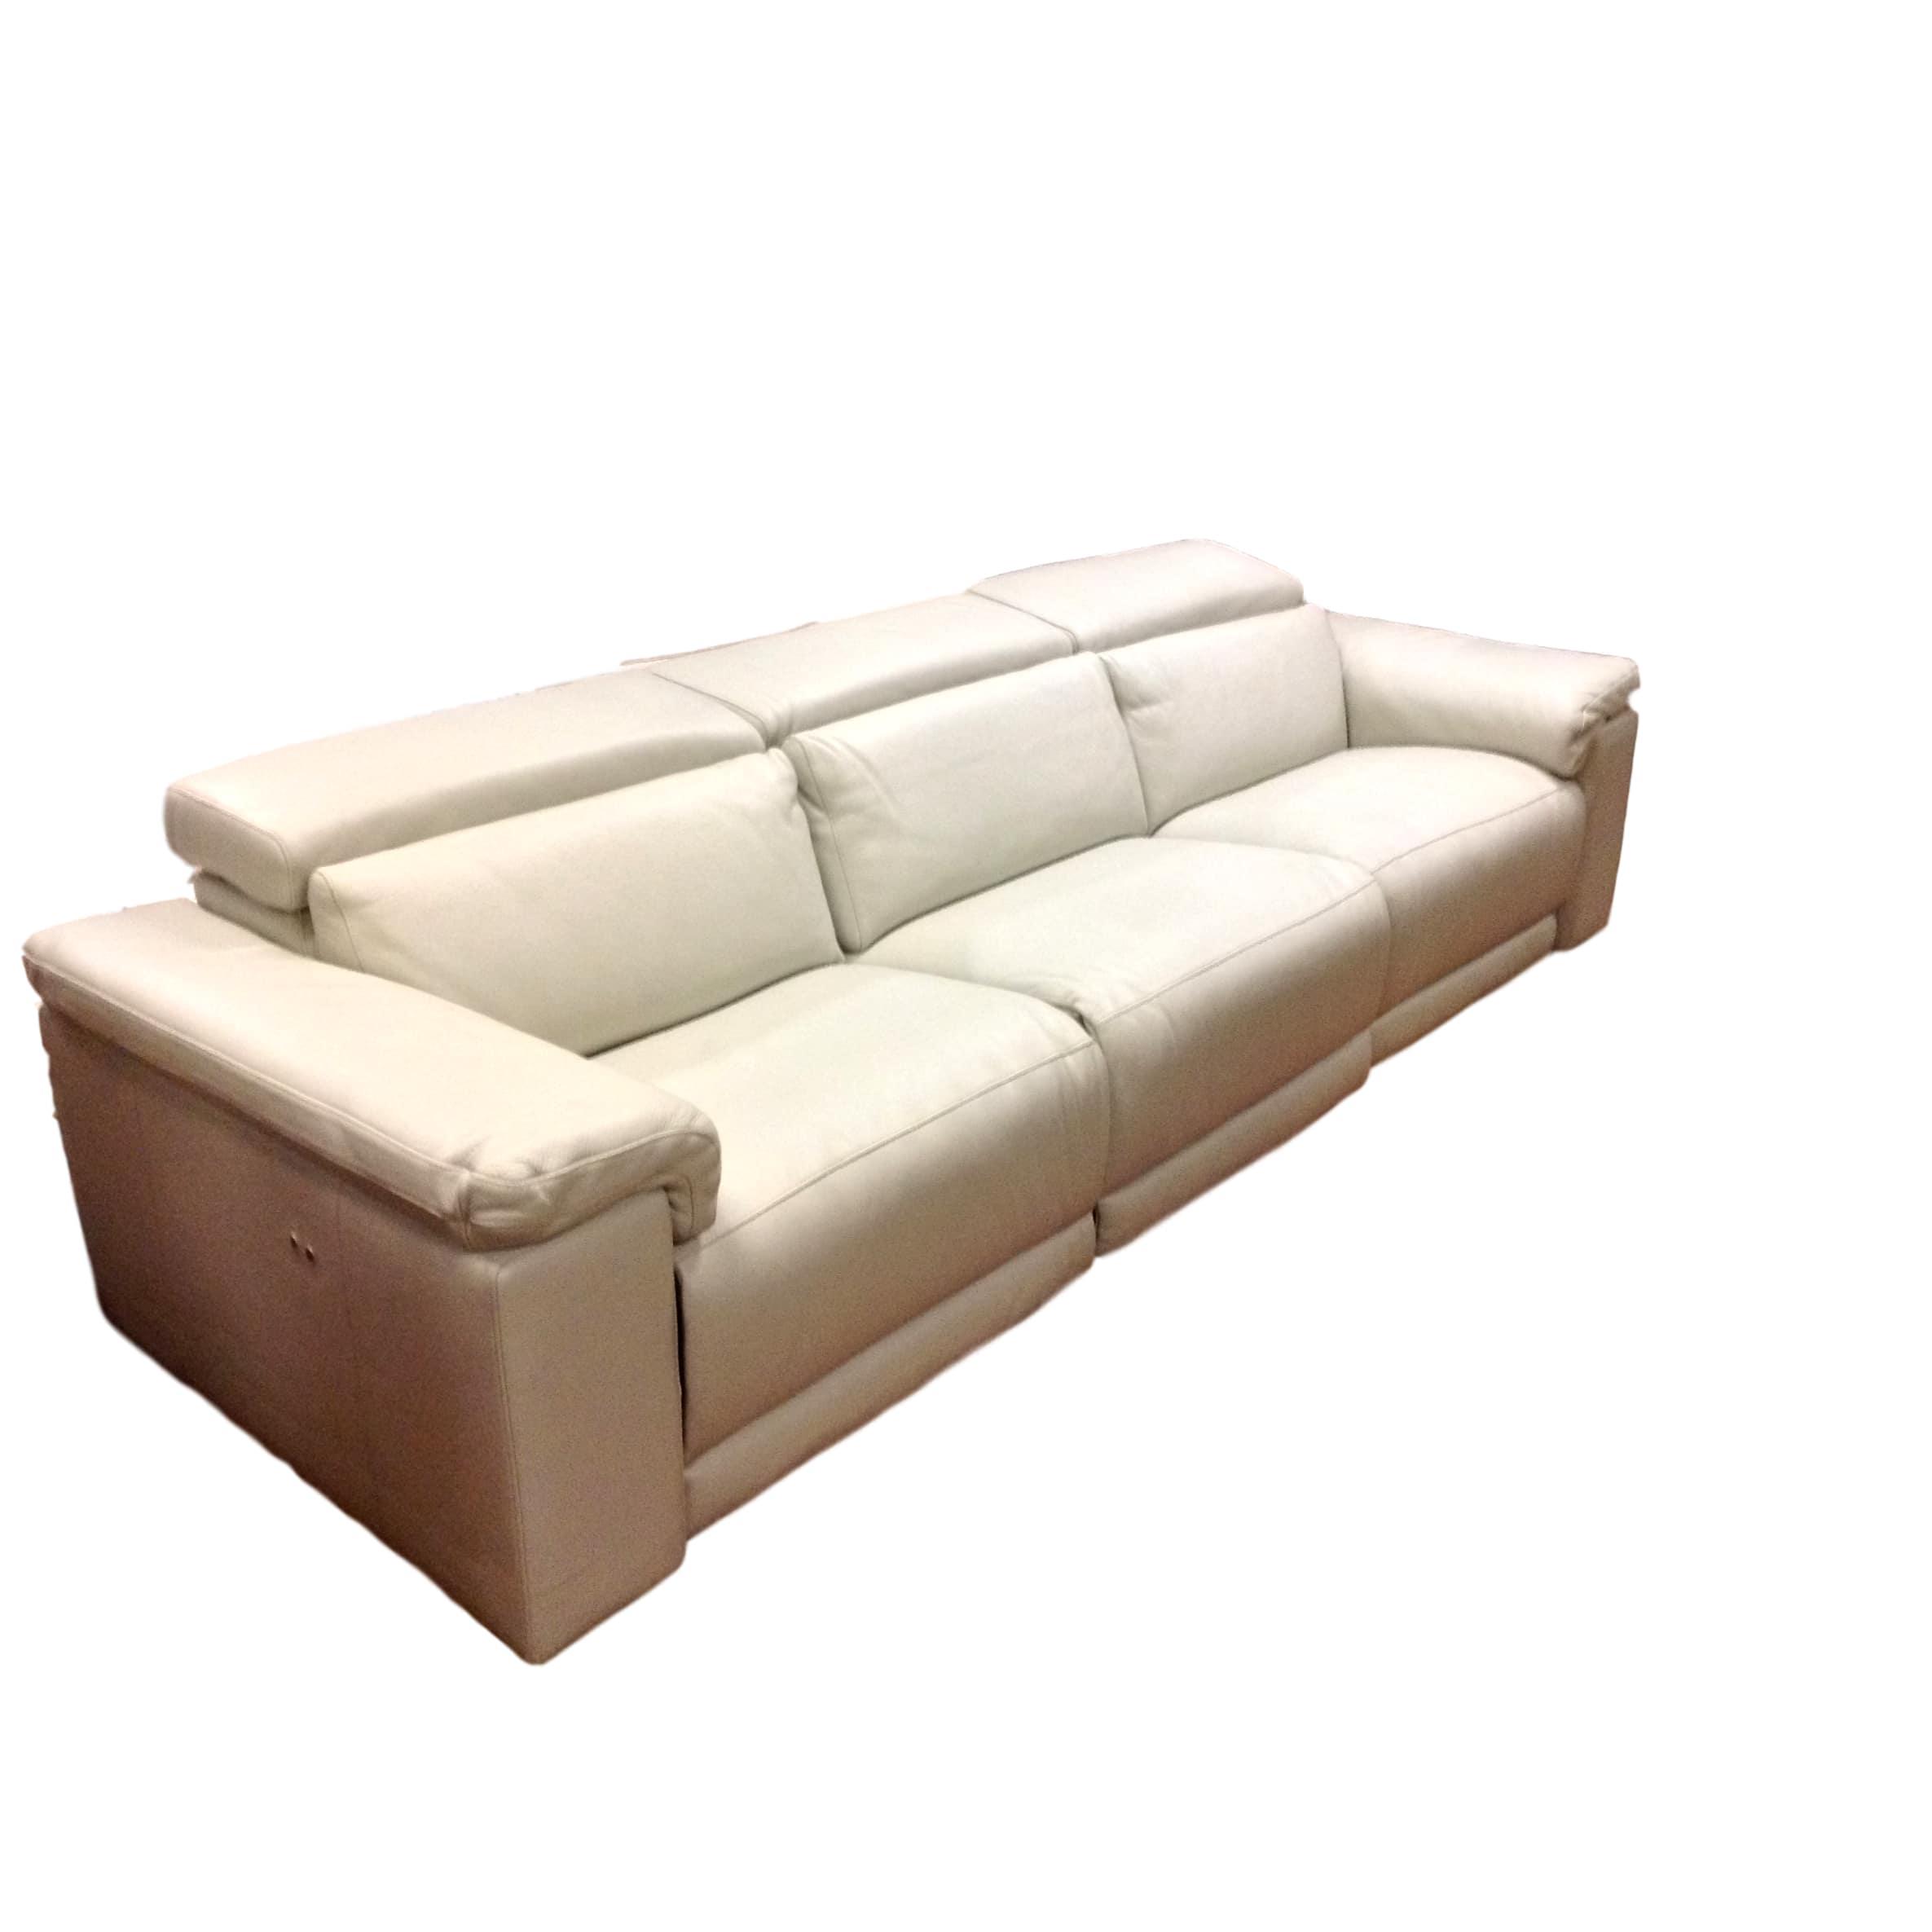 Italian Leather Sofa | Alabama Furniture